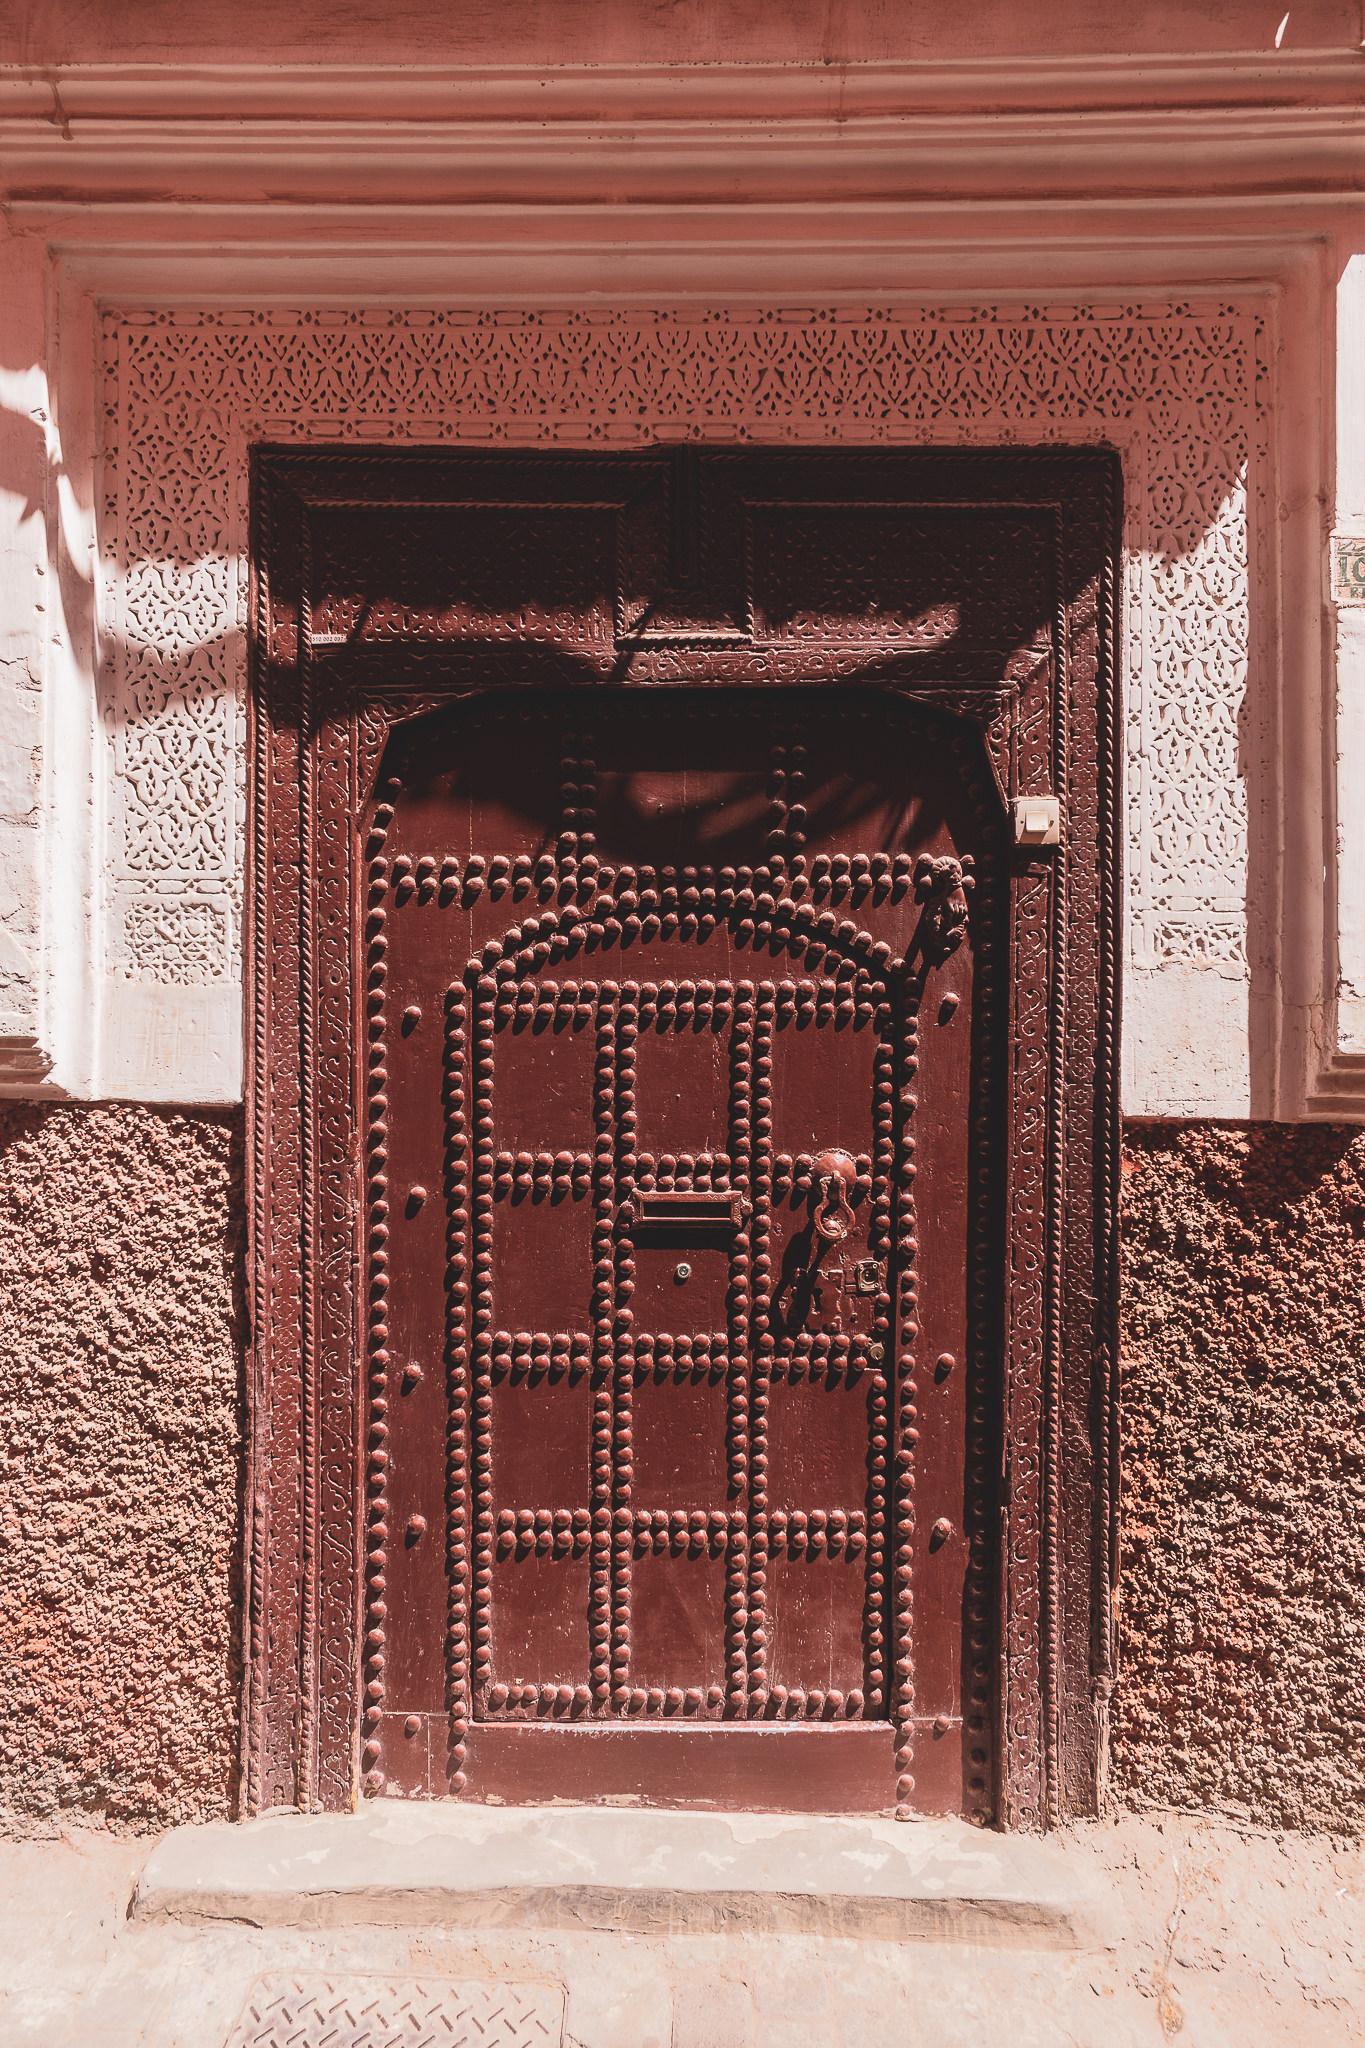 Marrakech ornate door #6